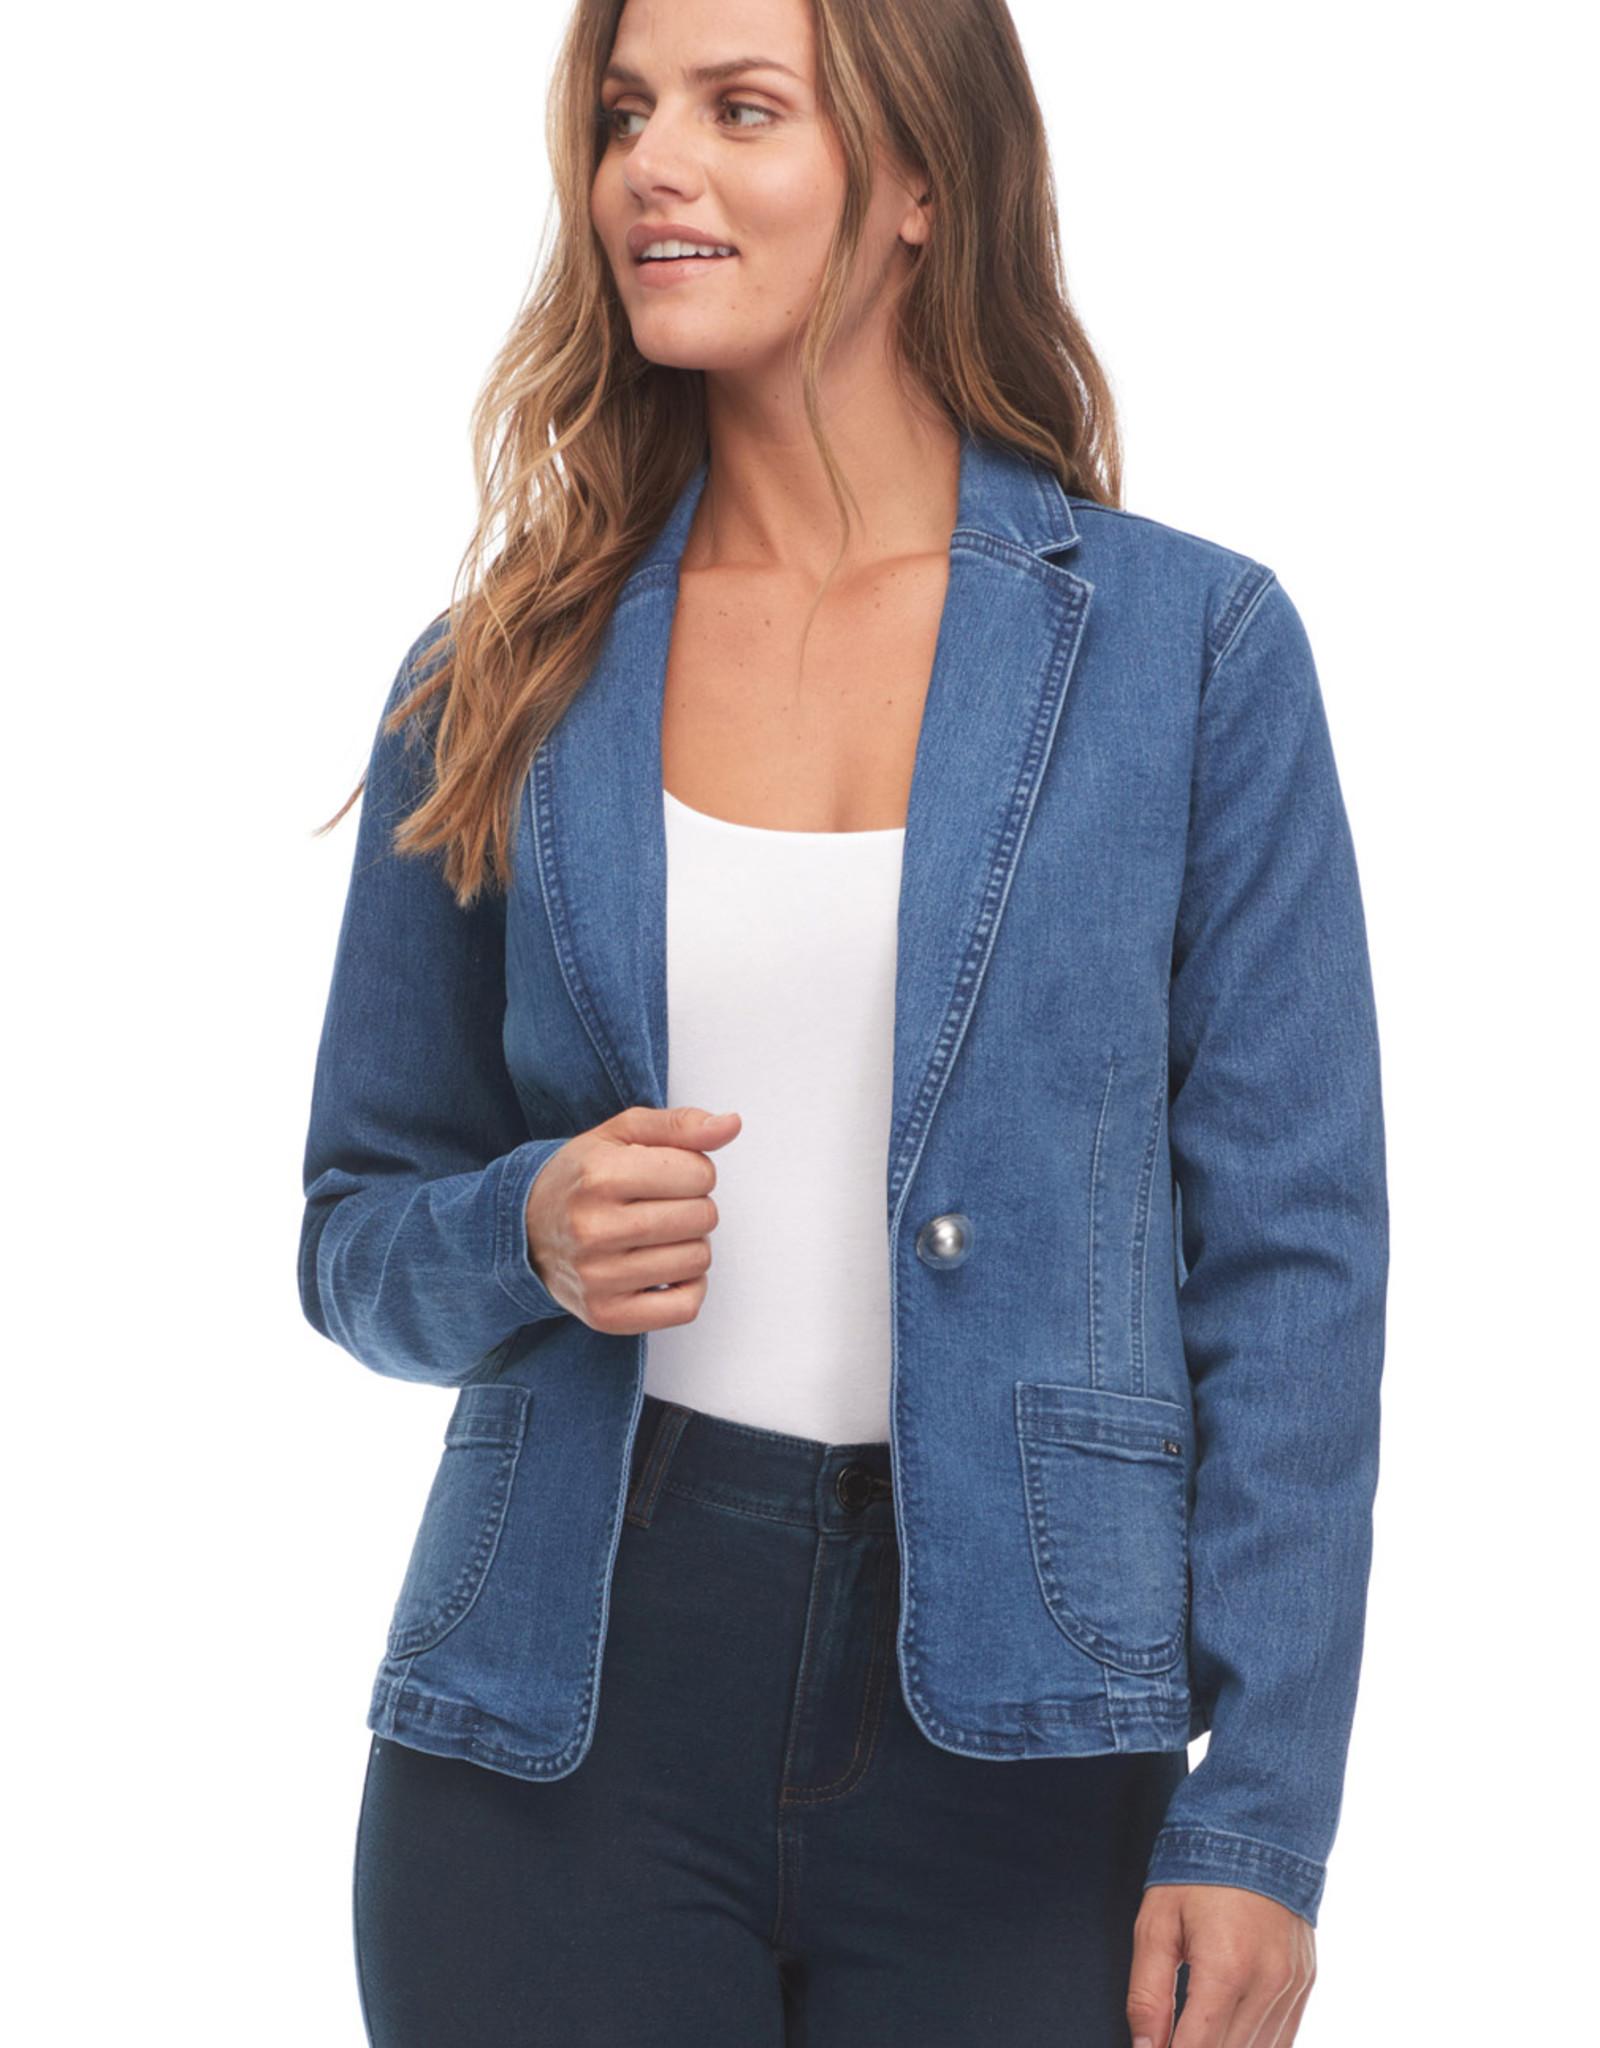 French Dressing Jeans FDJ 1615378 Denim Blazer with Pockets